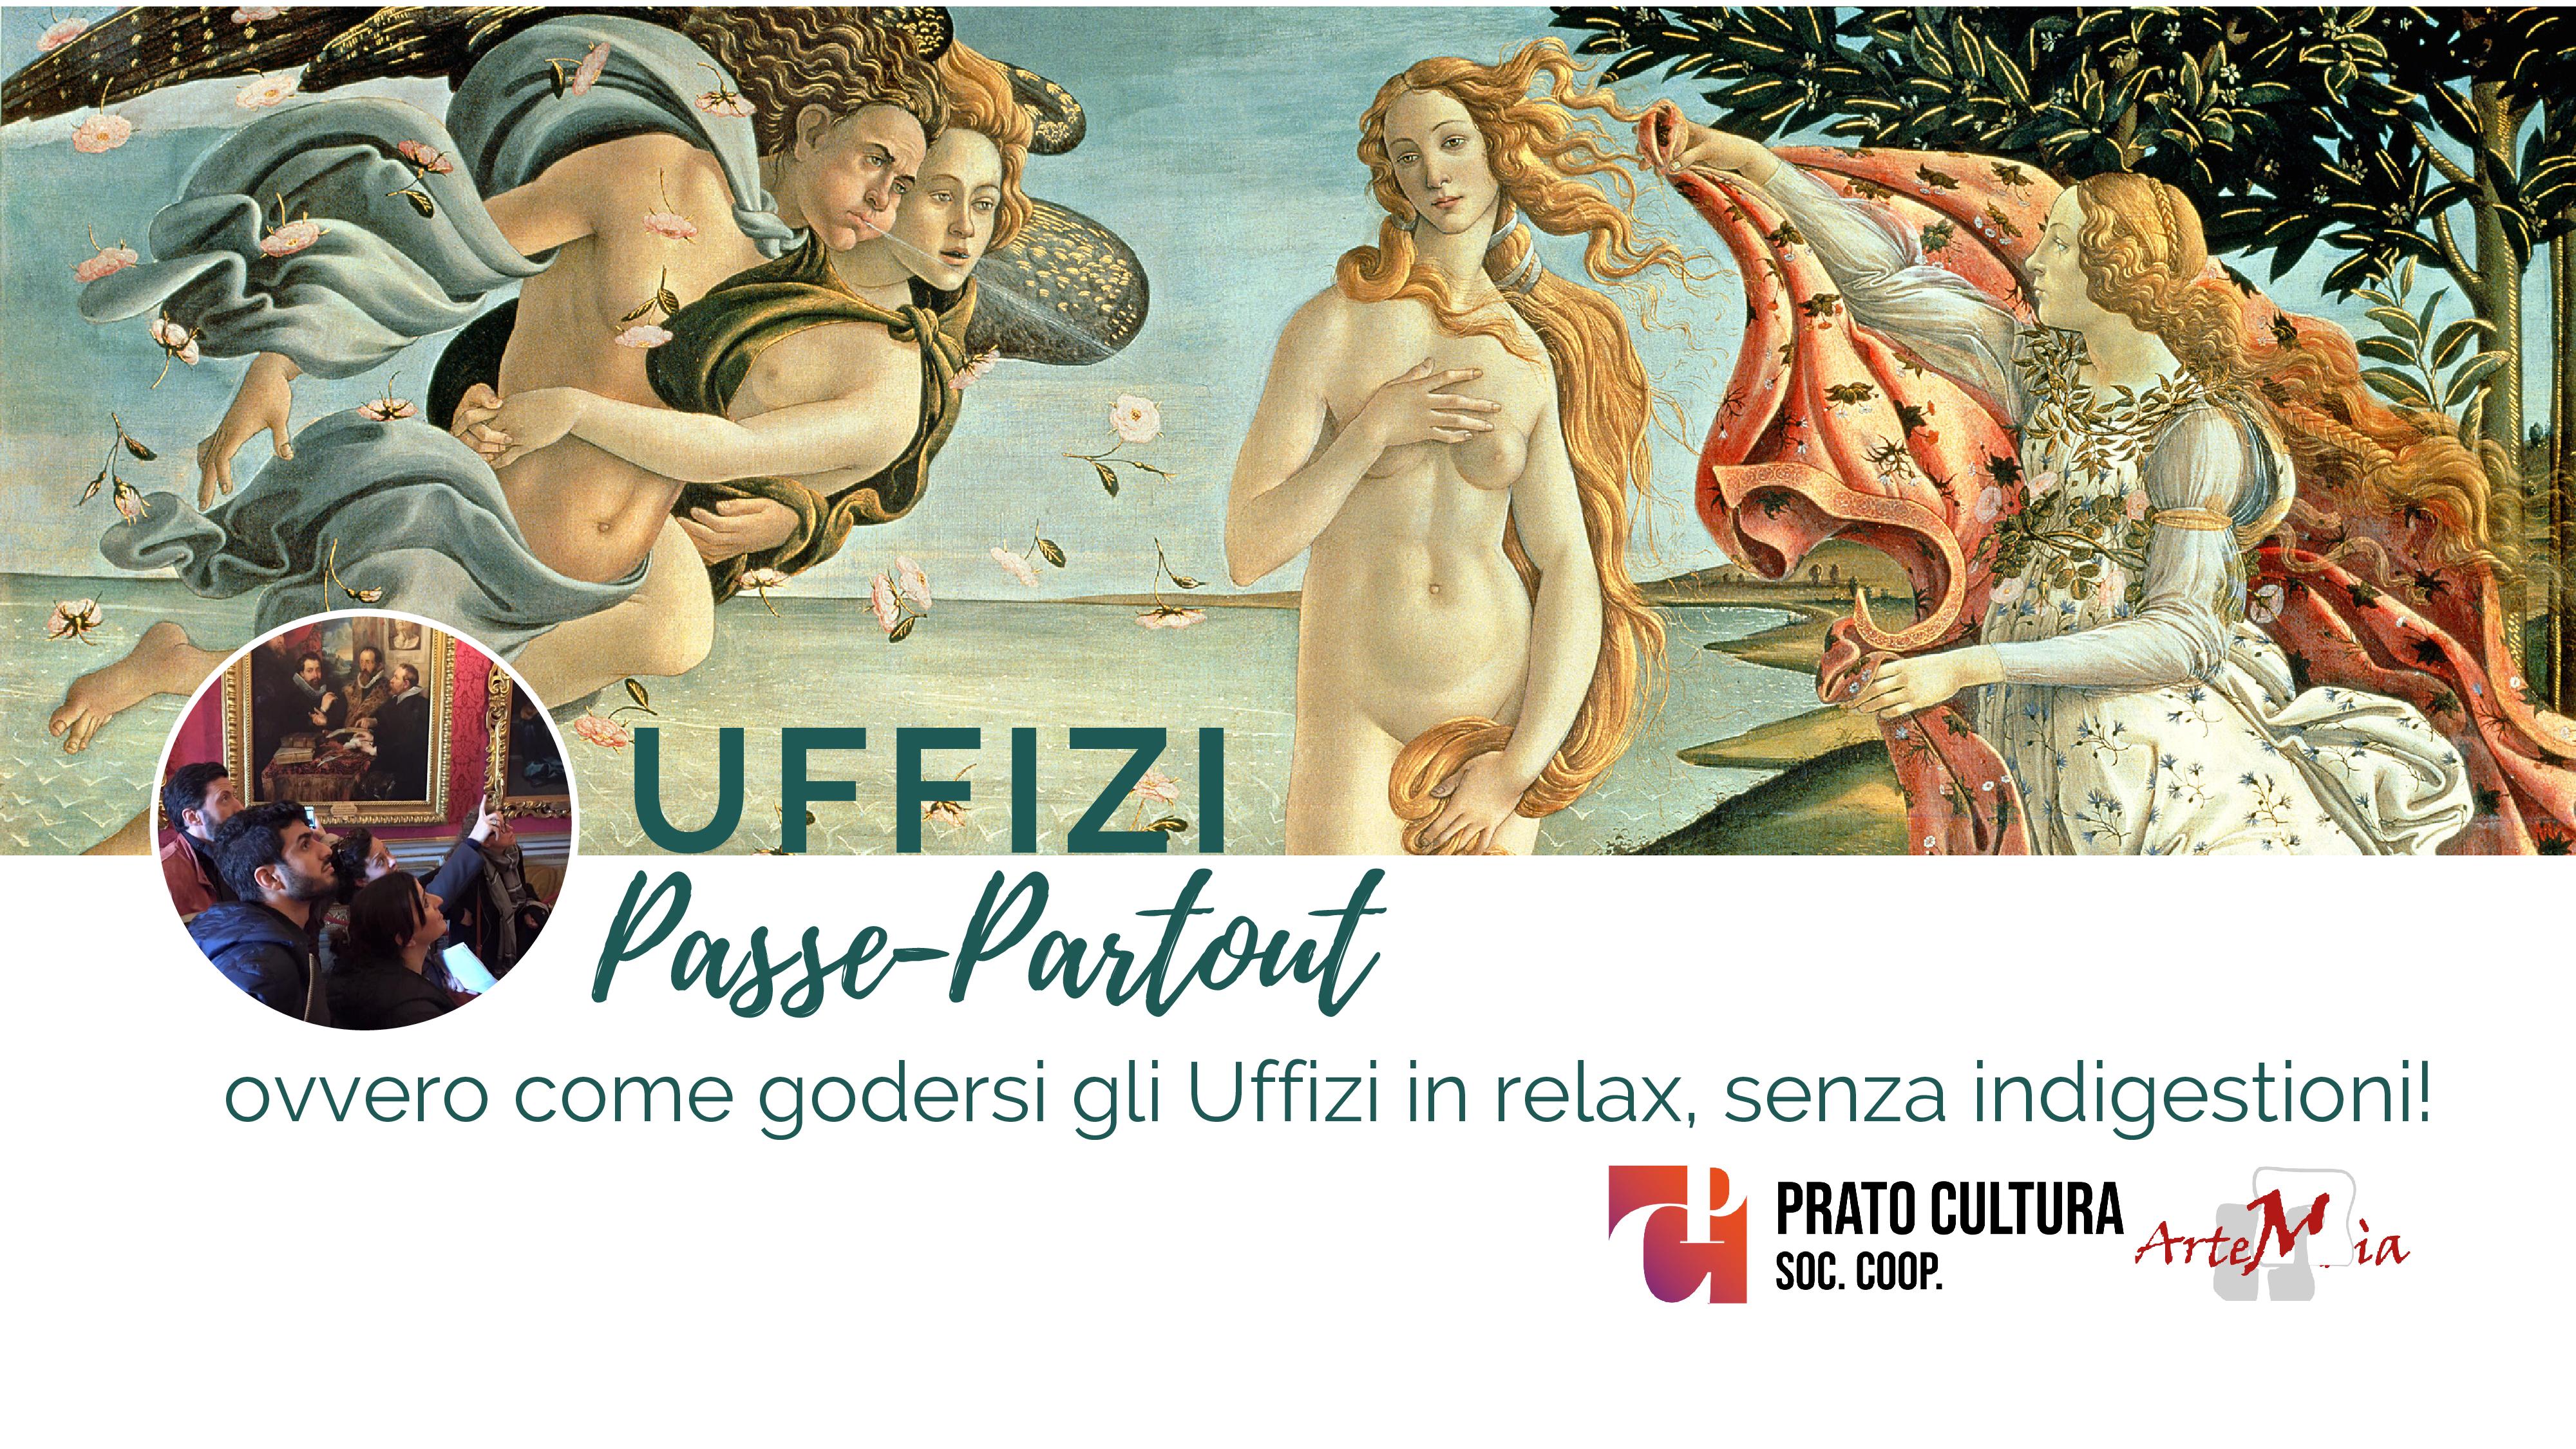 Visita: UFFIZI | Passe-Partout - TIZIANO E LE NUOVE SALE